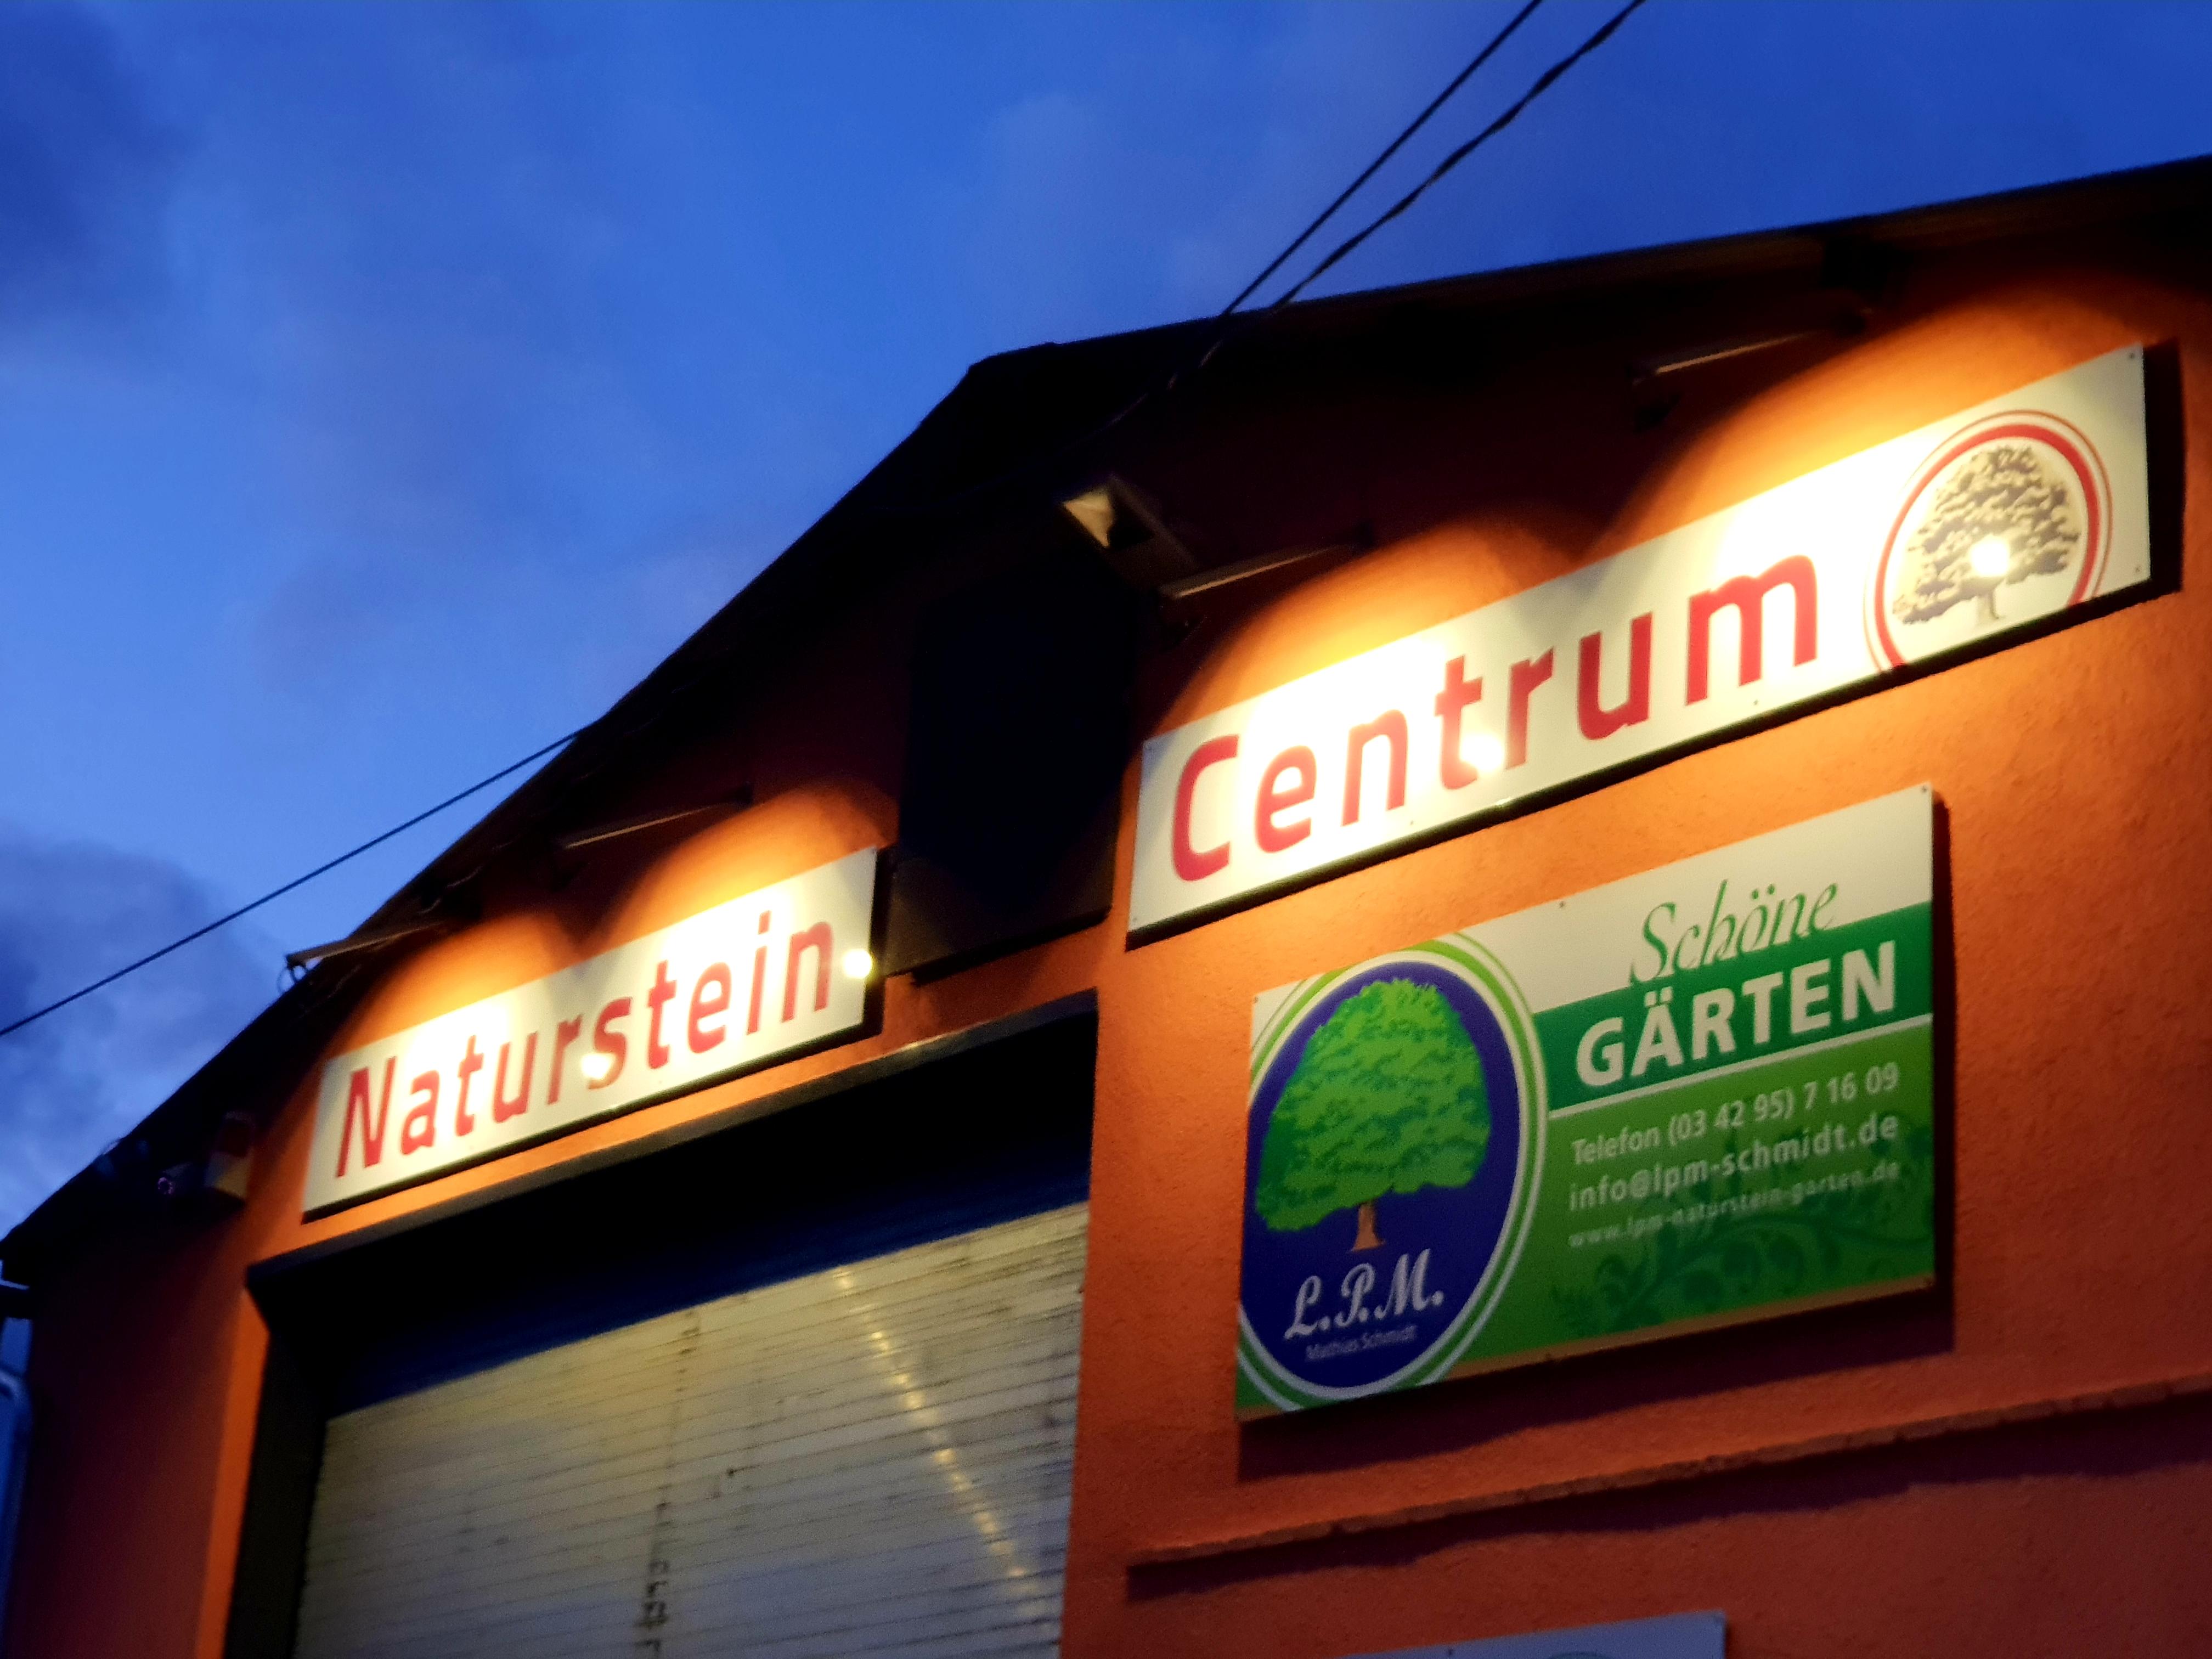 Naturstein Centrum LPM in Krostitz bei Leipzig bei Nacht